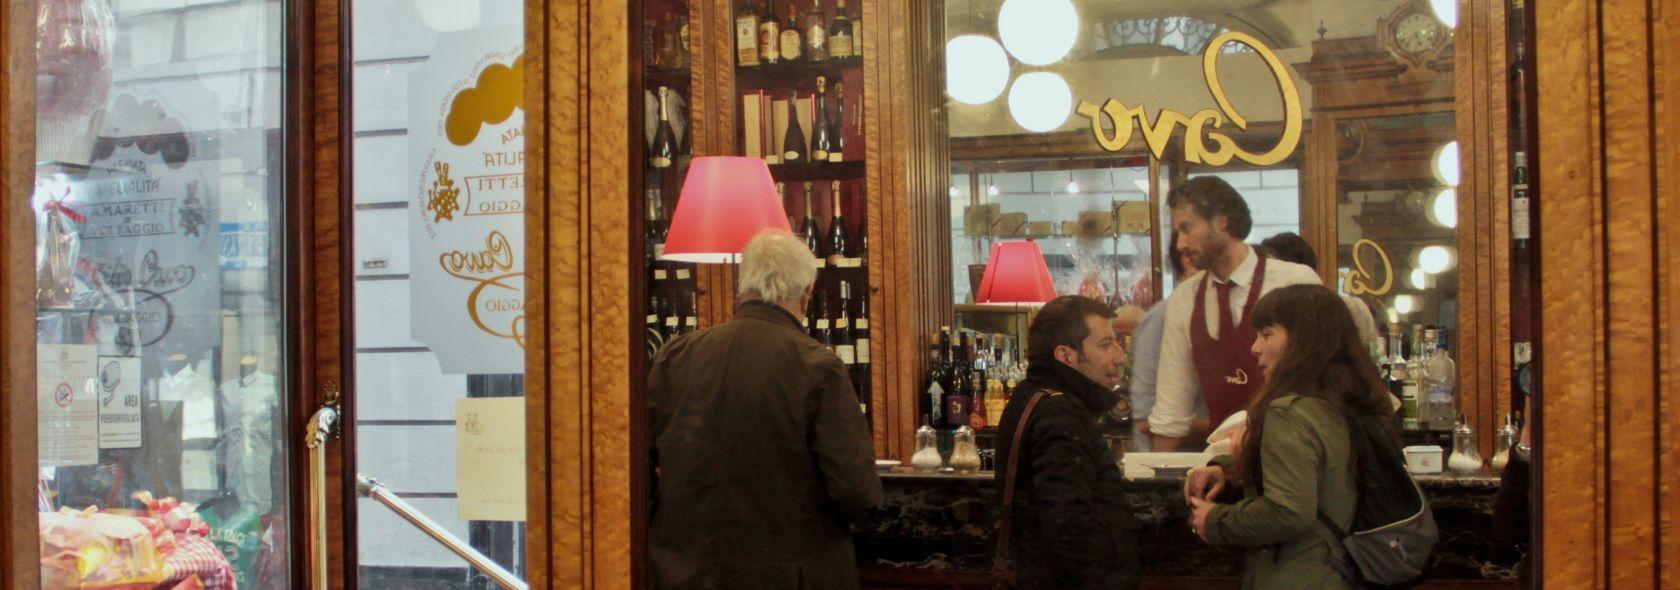 Tienda antigua Marescotti-Cavo  (ph: Paola Leoni)